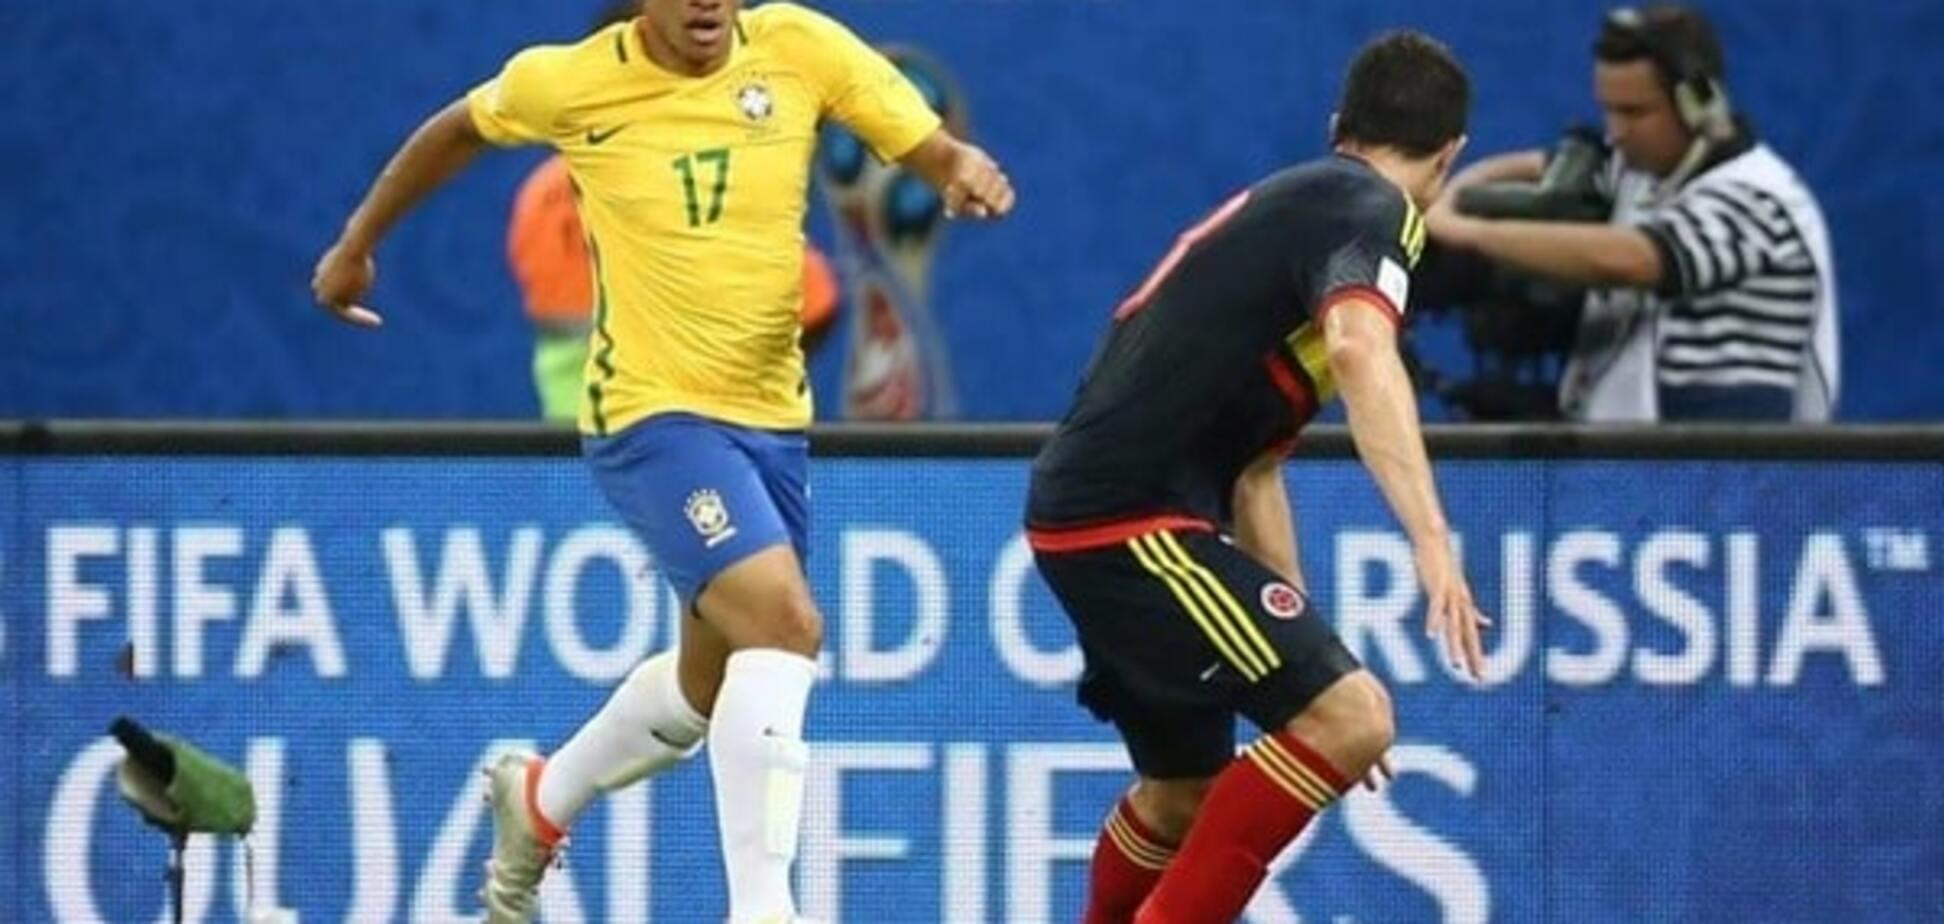 Дебют удался: полузащитник 'Шахтера' помог Бразилии обыграть Колумбию - видео-обзор матча